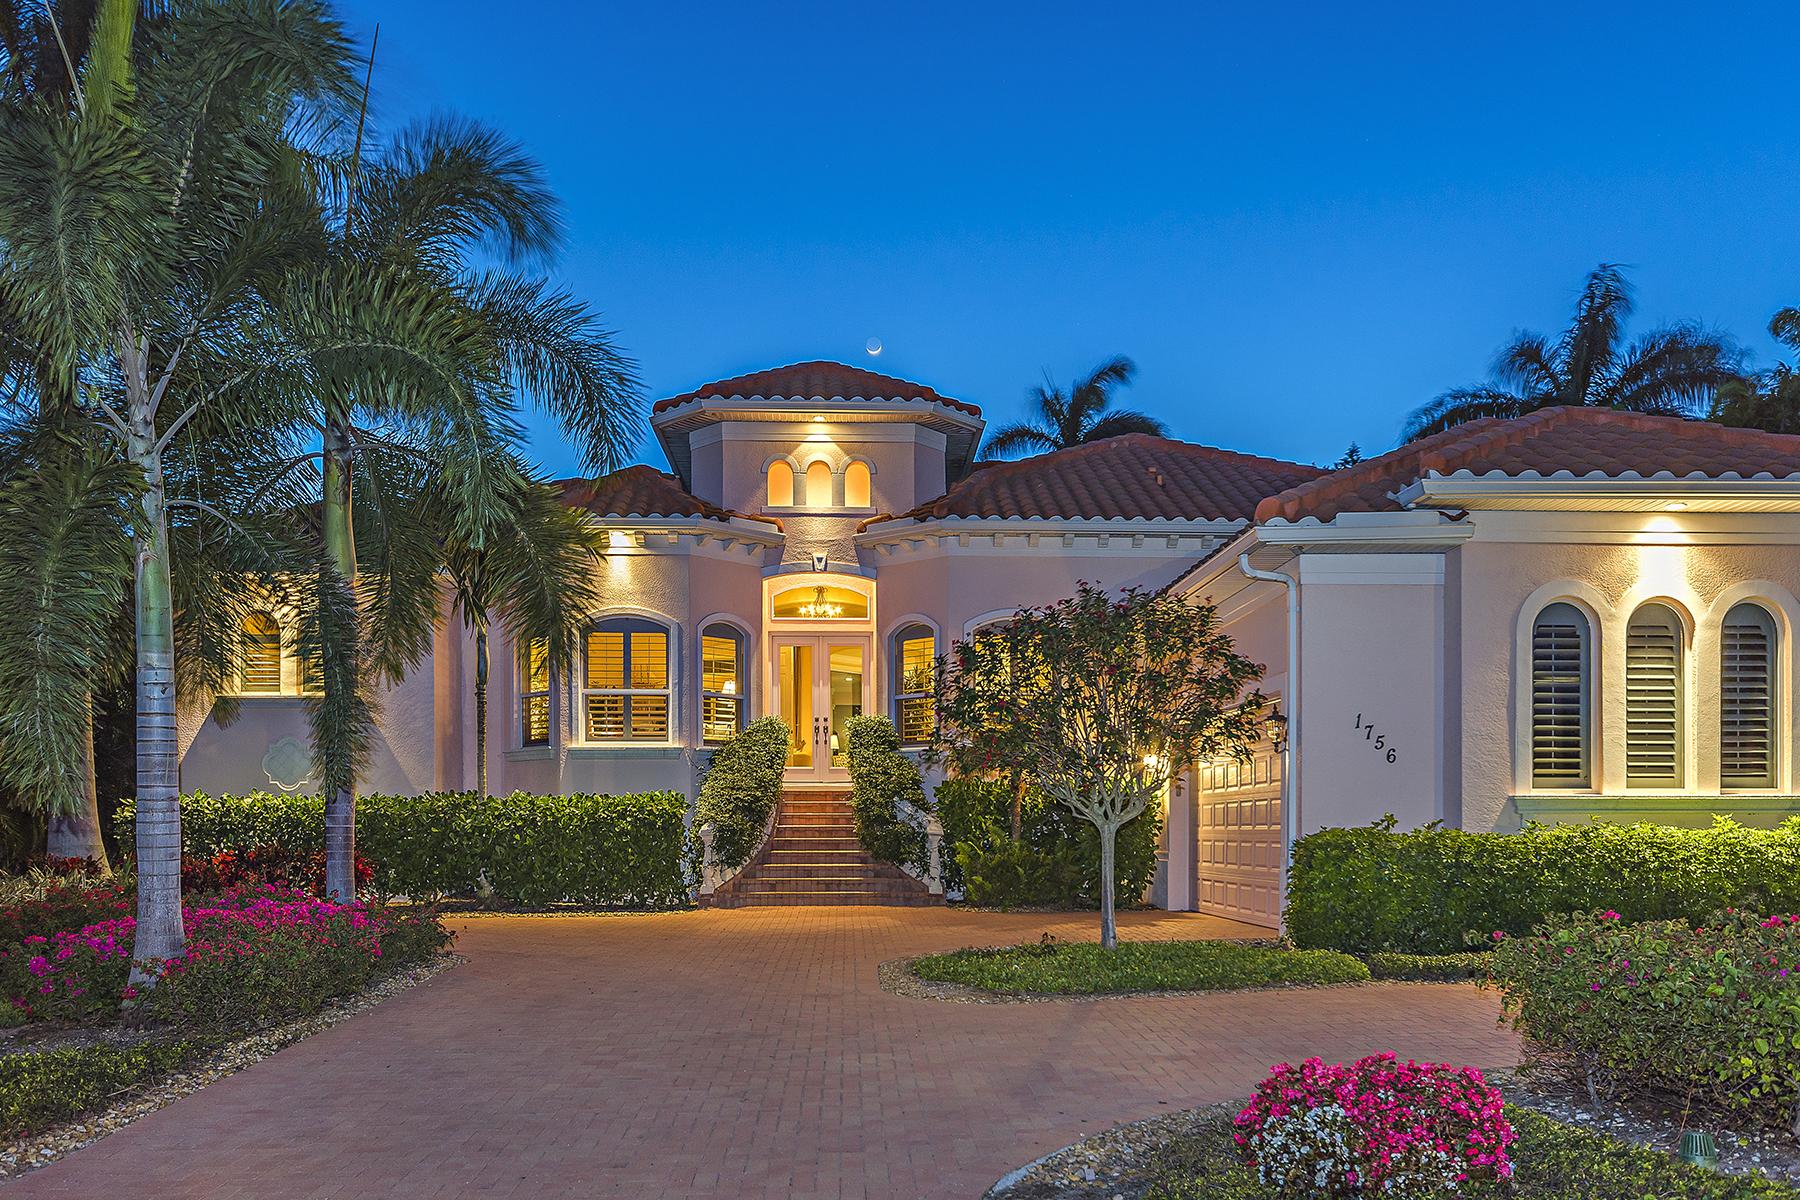 Casa Unifamiliar por un Venta en AQUALANE SHORES 1756 3rd St S Aqualane Shores, Naples, Florida, 34102 Estados Unidos